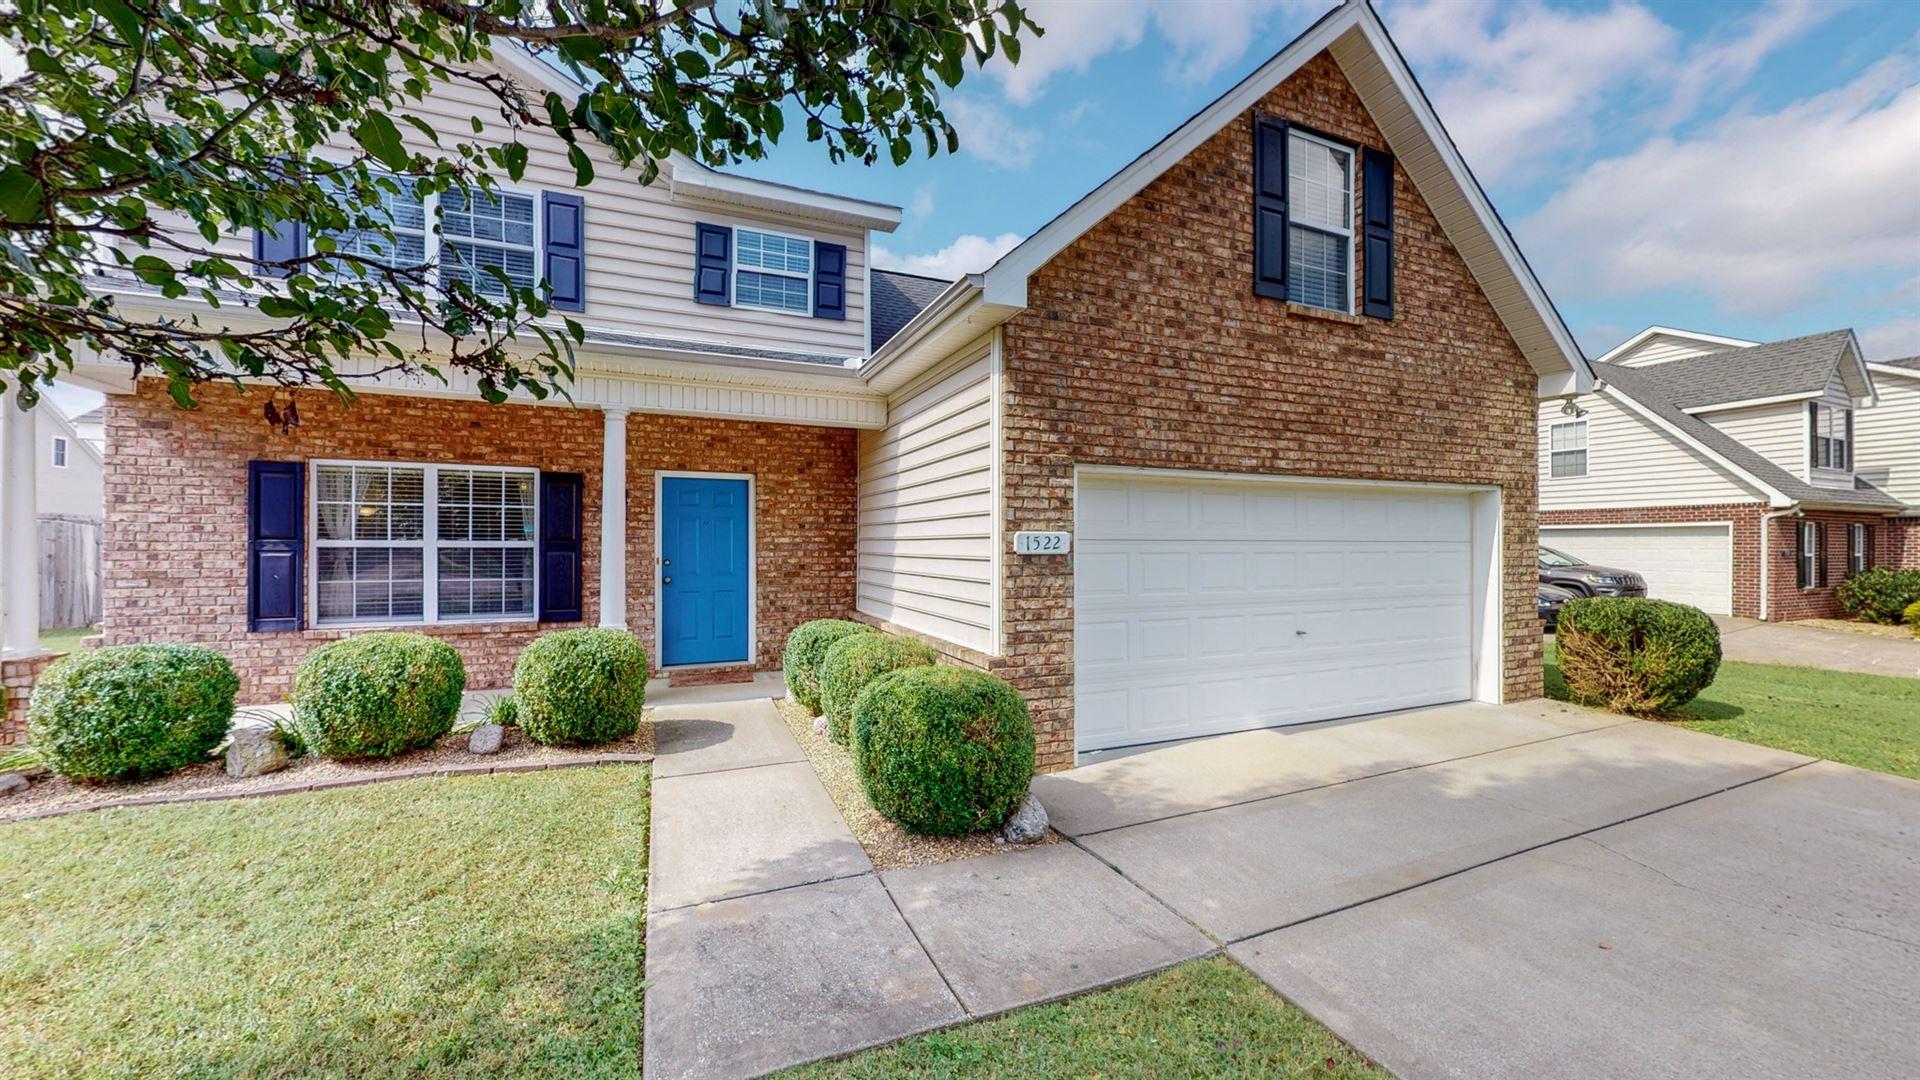 1522 Teresa Ln, Murfreesboro, TN 37128 - MLS#: 2300445